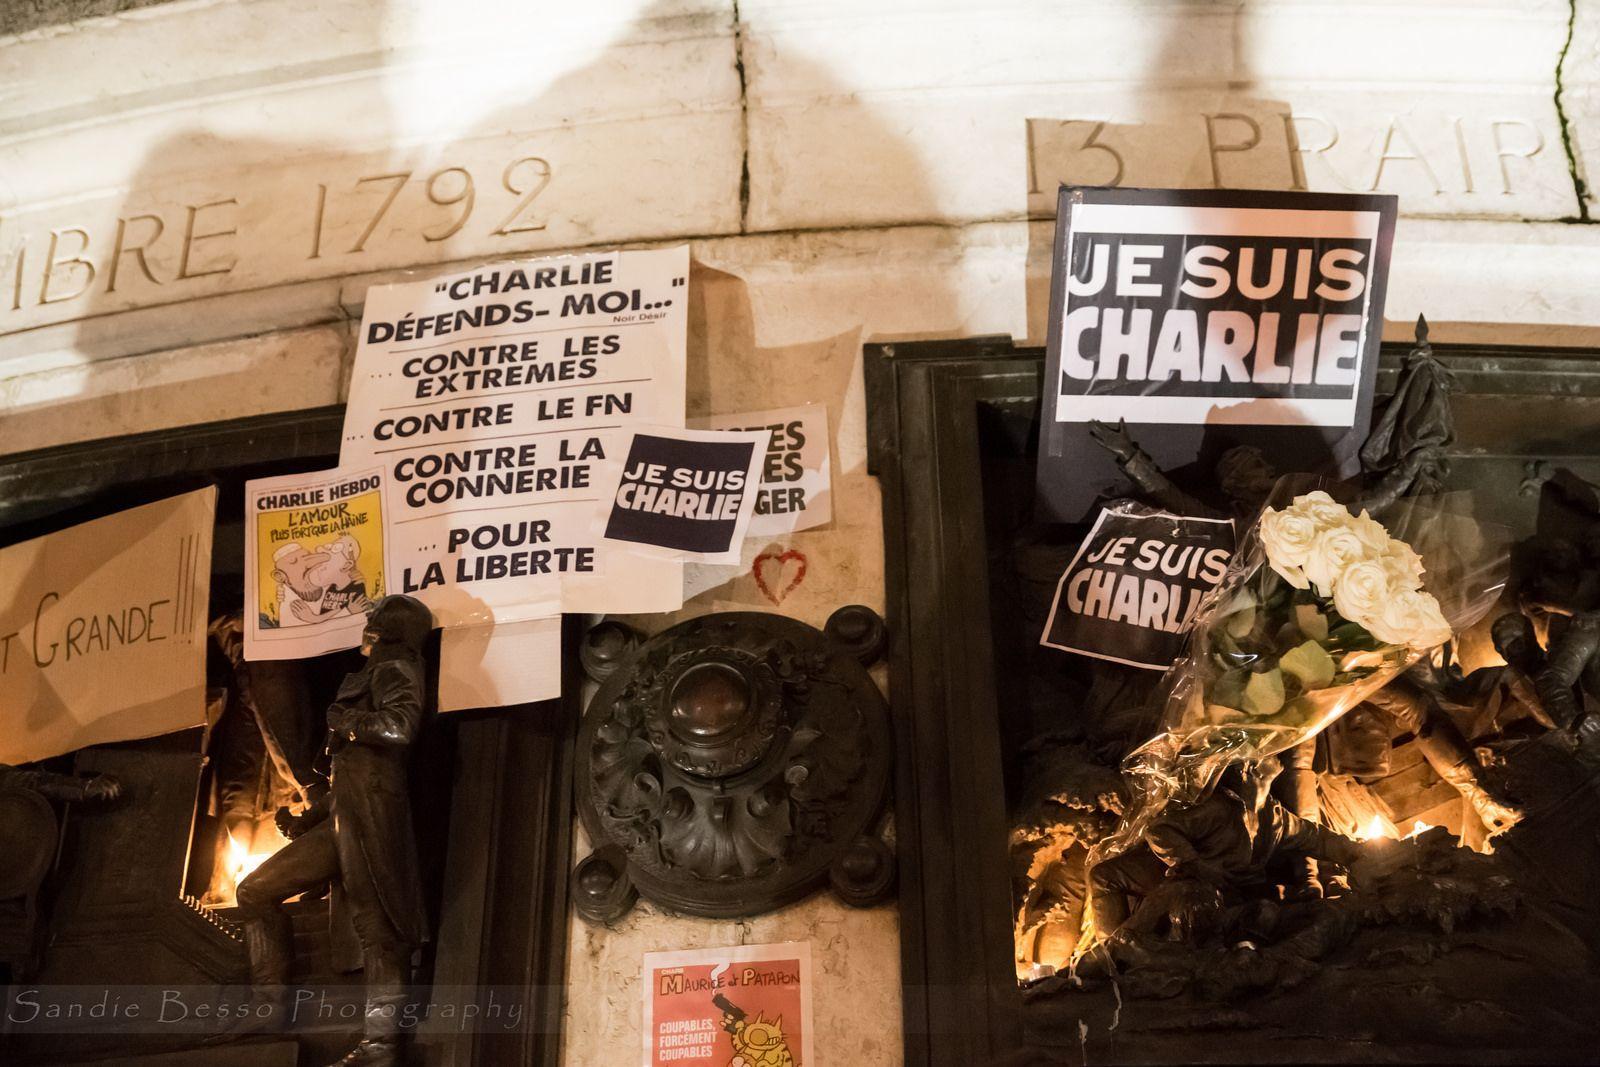 JE SUIS CHARLIE, NOUS SOMMES TOUS CHARLIE  07/01/2015 Place de la République Paris / France  by Sandie Besso Photography for any booking, professional & artistic shootings contact me : sandie.besso@gmail.com Paris / France